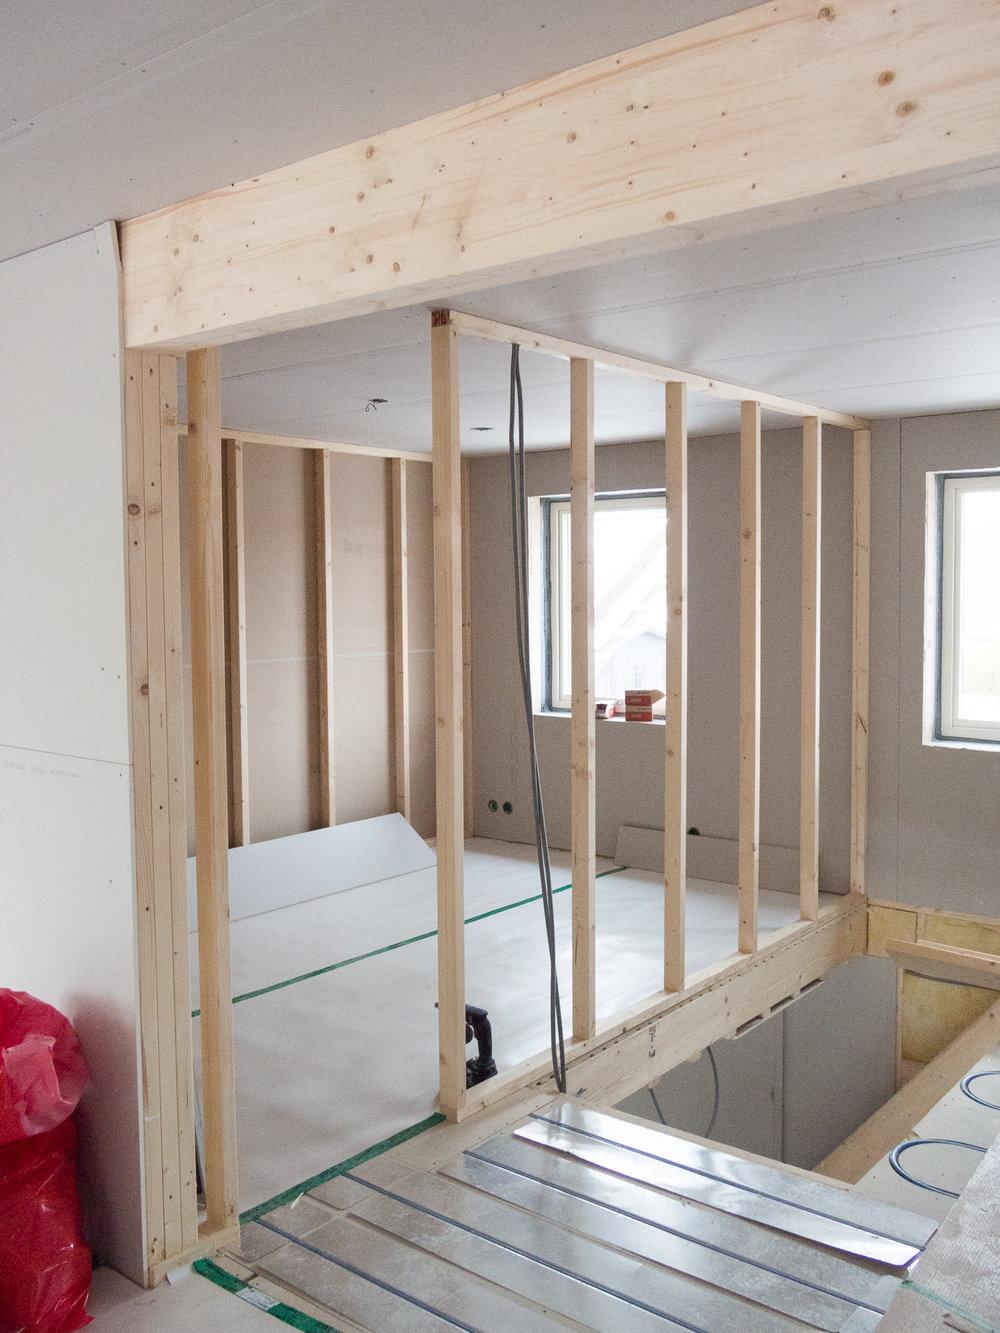 Här ett av barnens rum. Den vackra träbalken känns det synd att gipsa in, skulle nog bli snyggare att bara vitlasera.